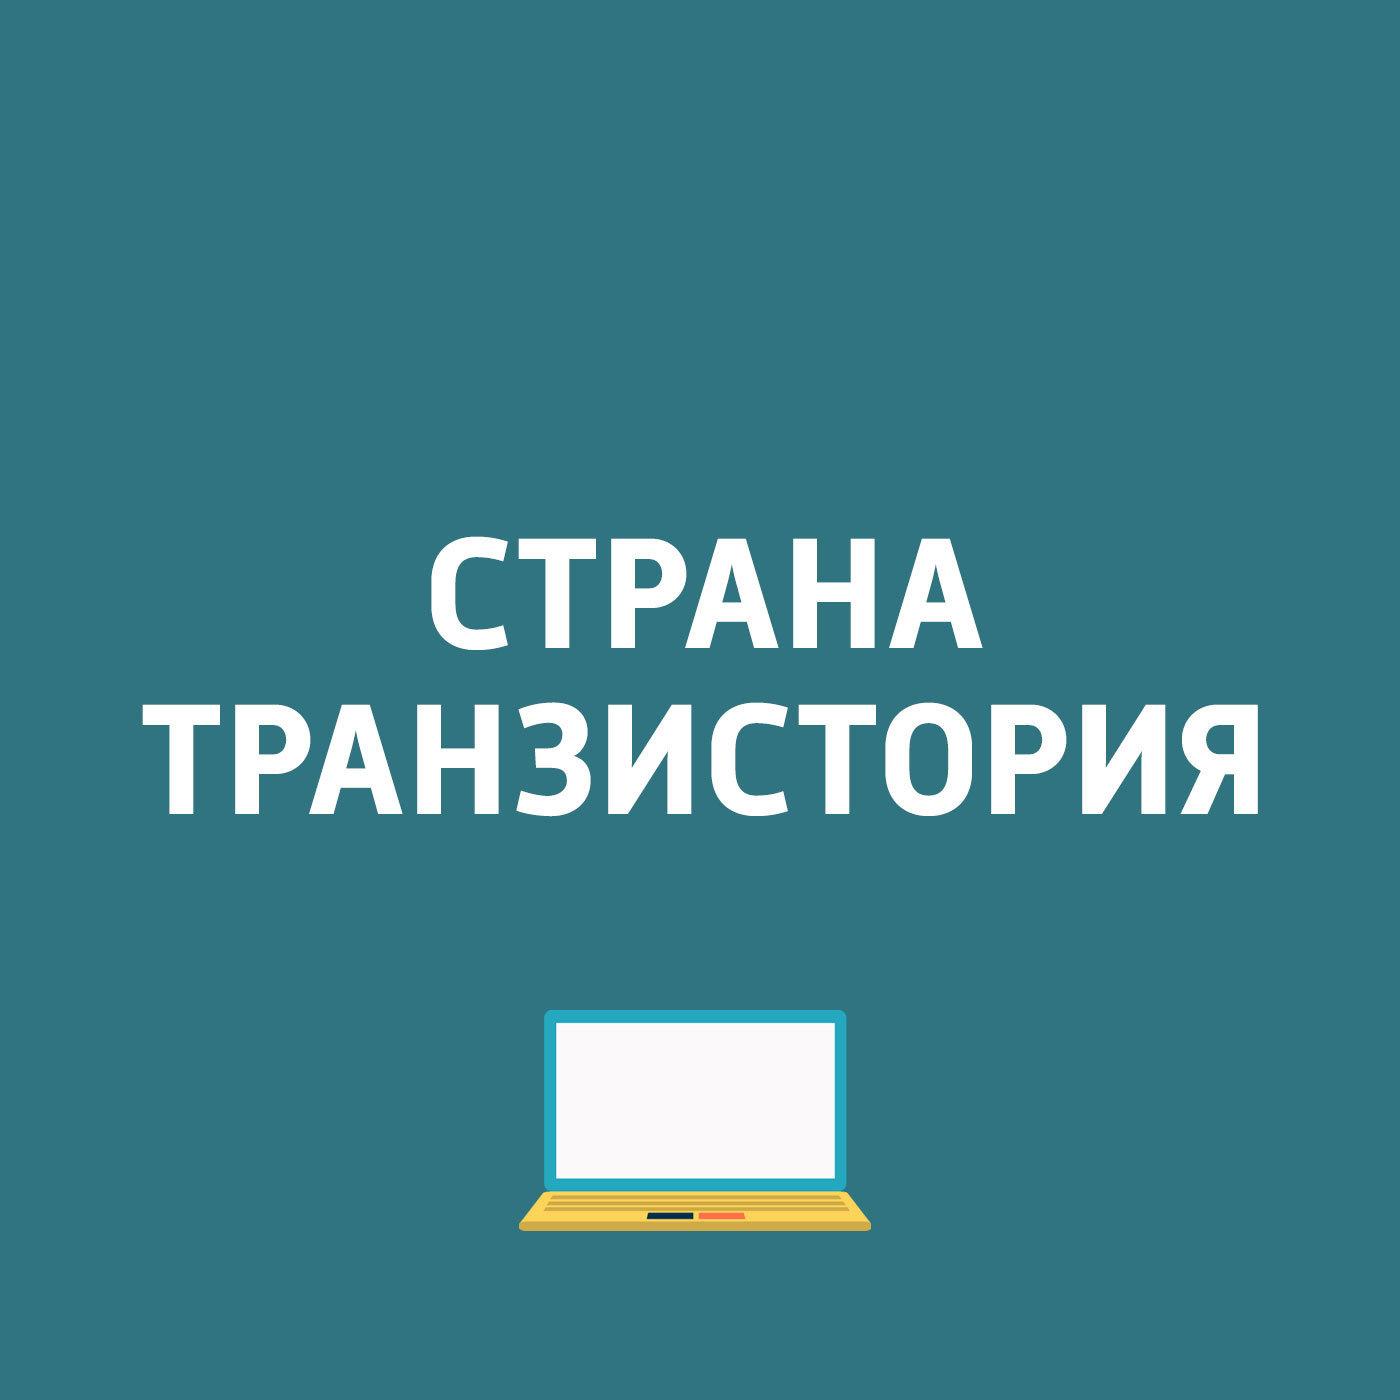 Картаев Павел ASUS представила первый хромбук — Chromebook C523 картаев павел hmd global выпустила смартфон nokia 8 eset обнаружила вирус для устройств на андроиде